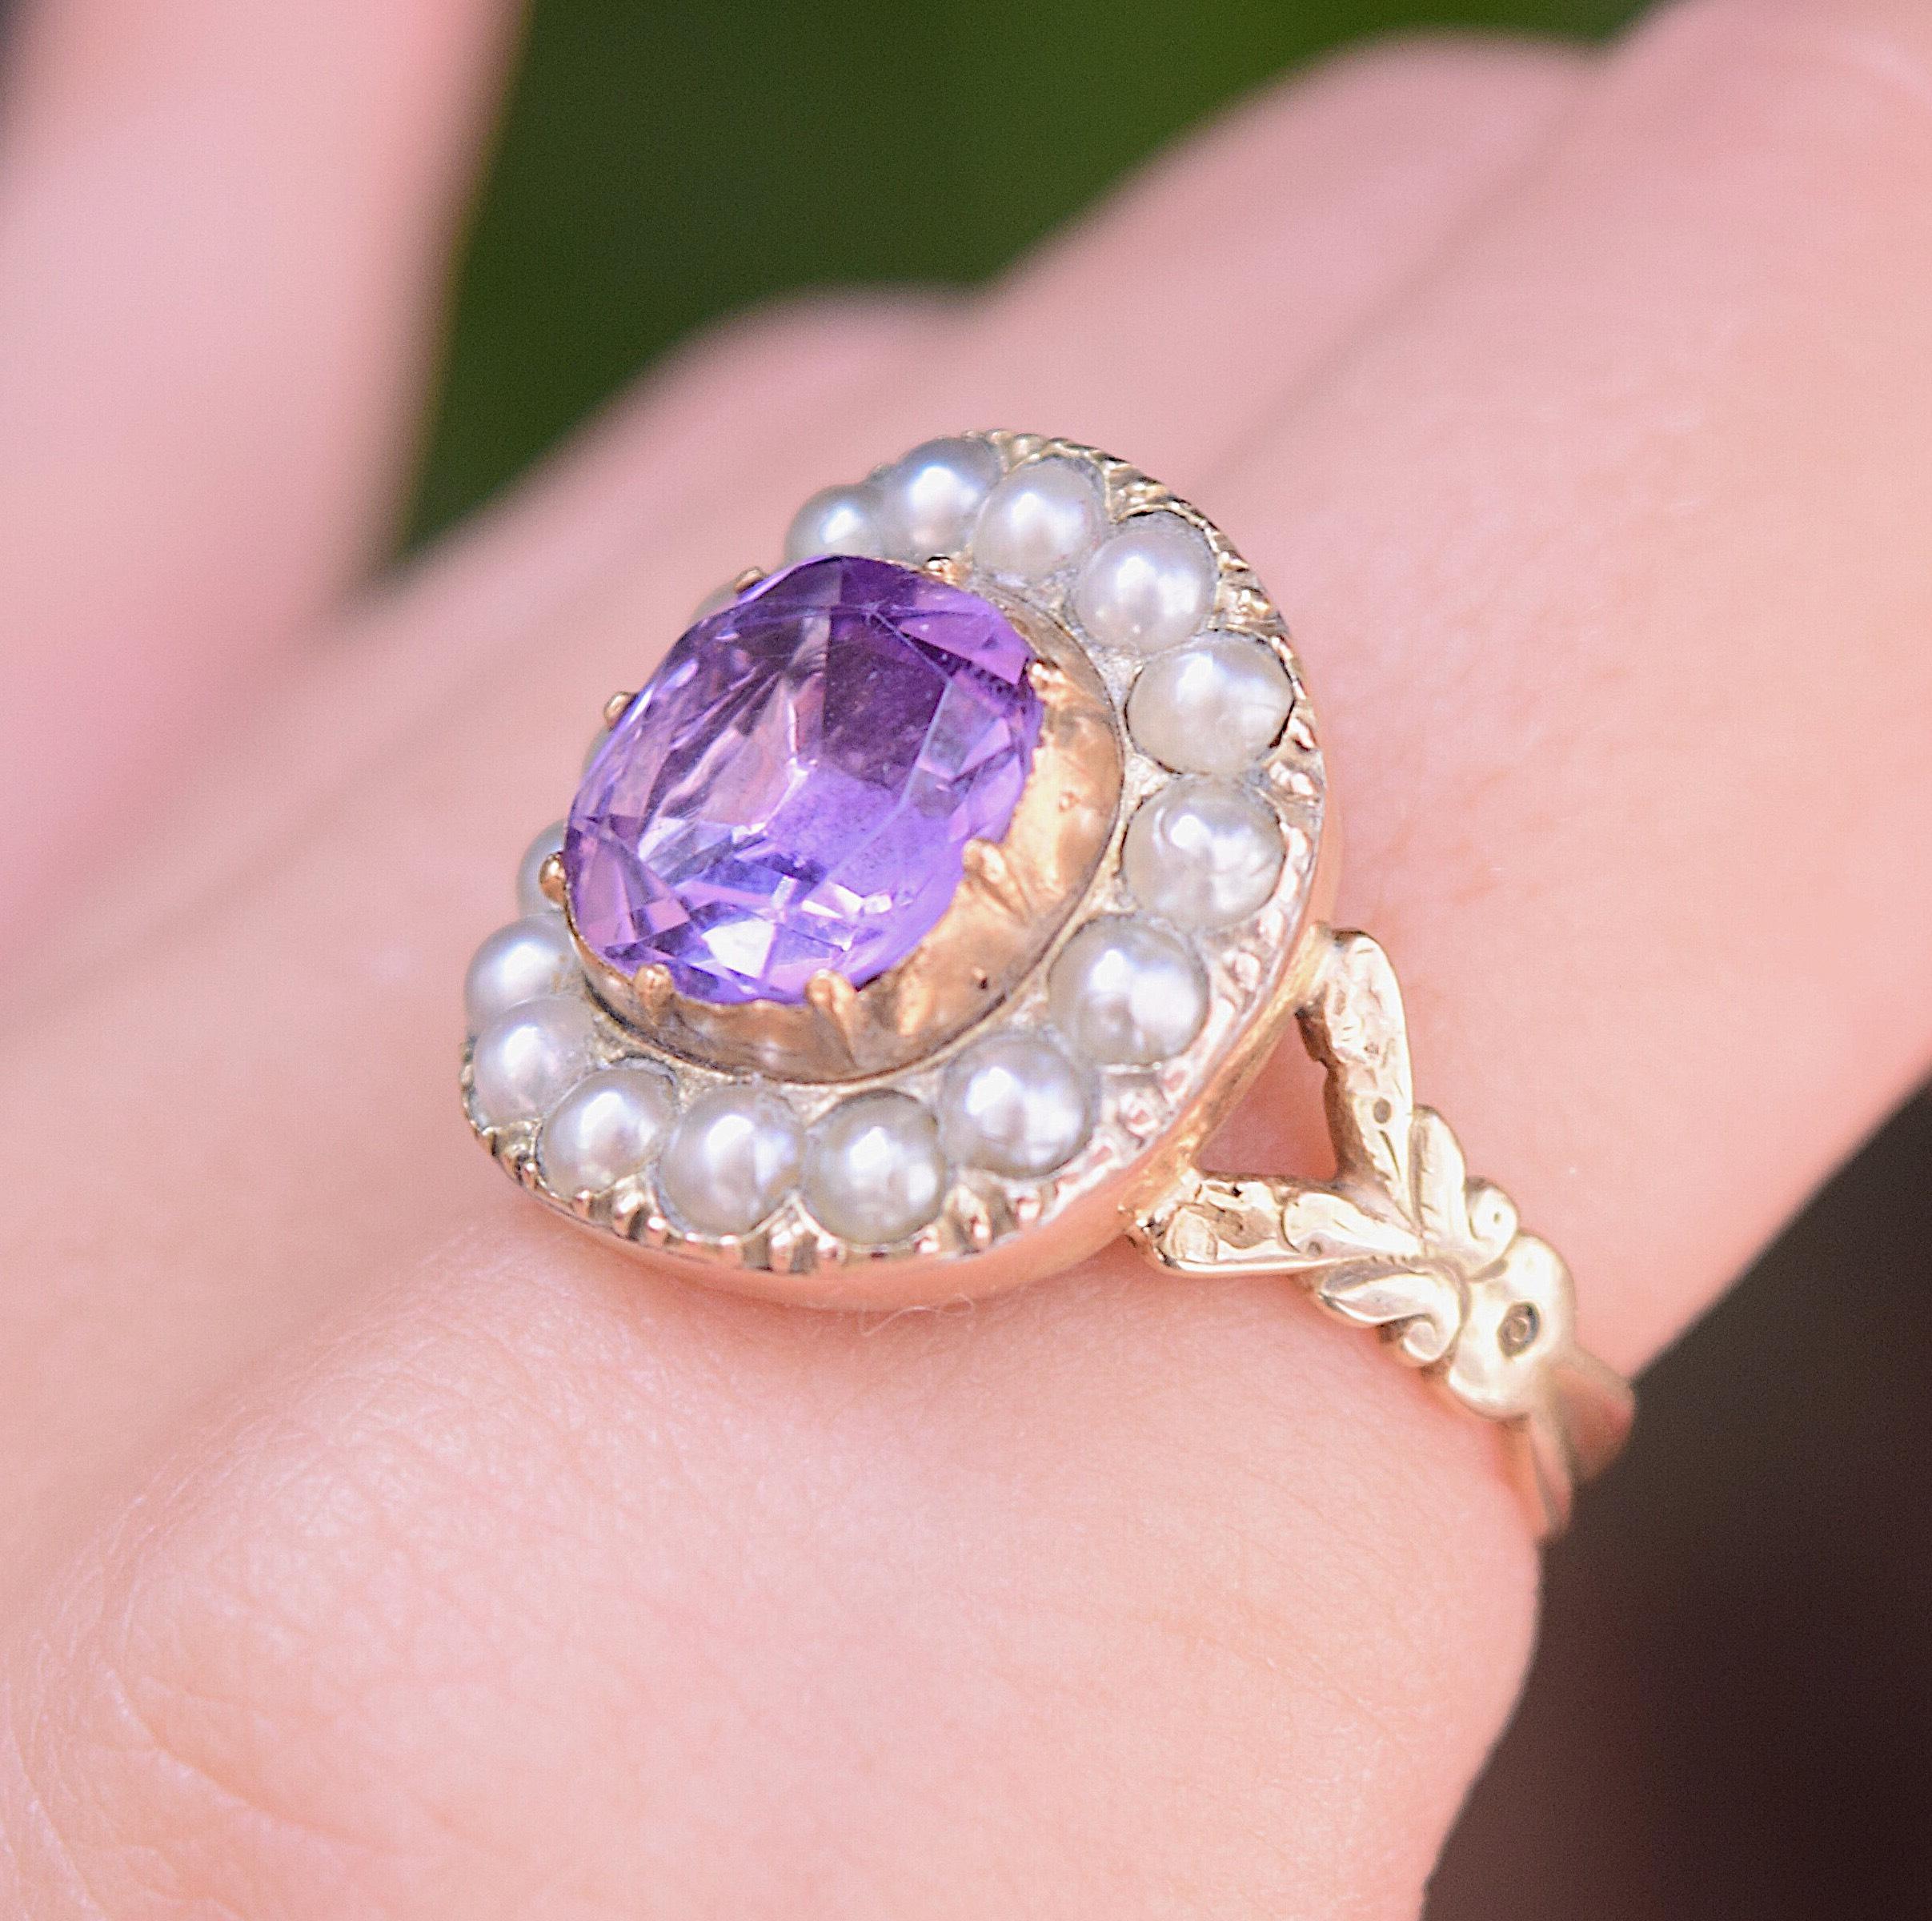 טבעת זהב ג'ורג'יאנית, עם אמטיסט ופנינים .